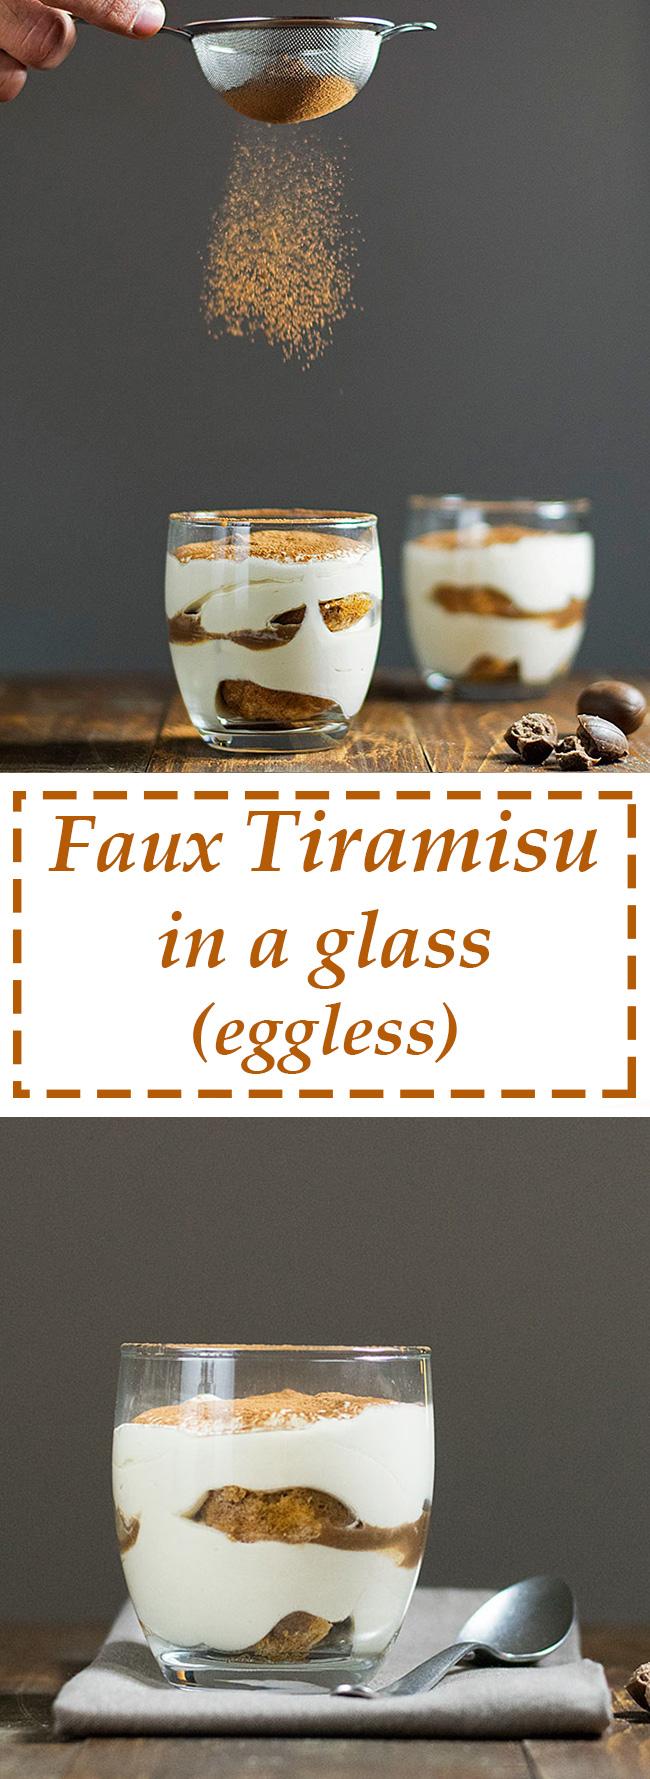 Faux tiramisu in a glass (eggless) 5